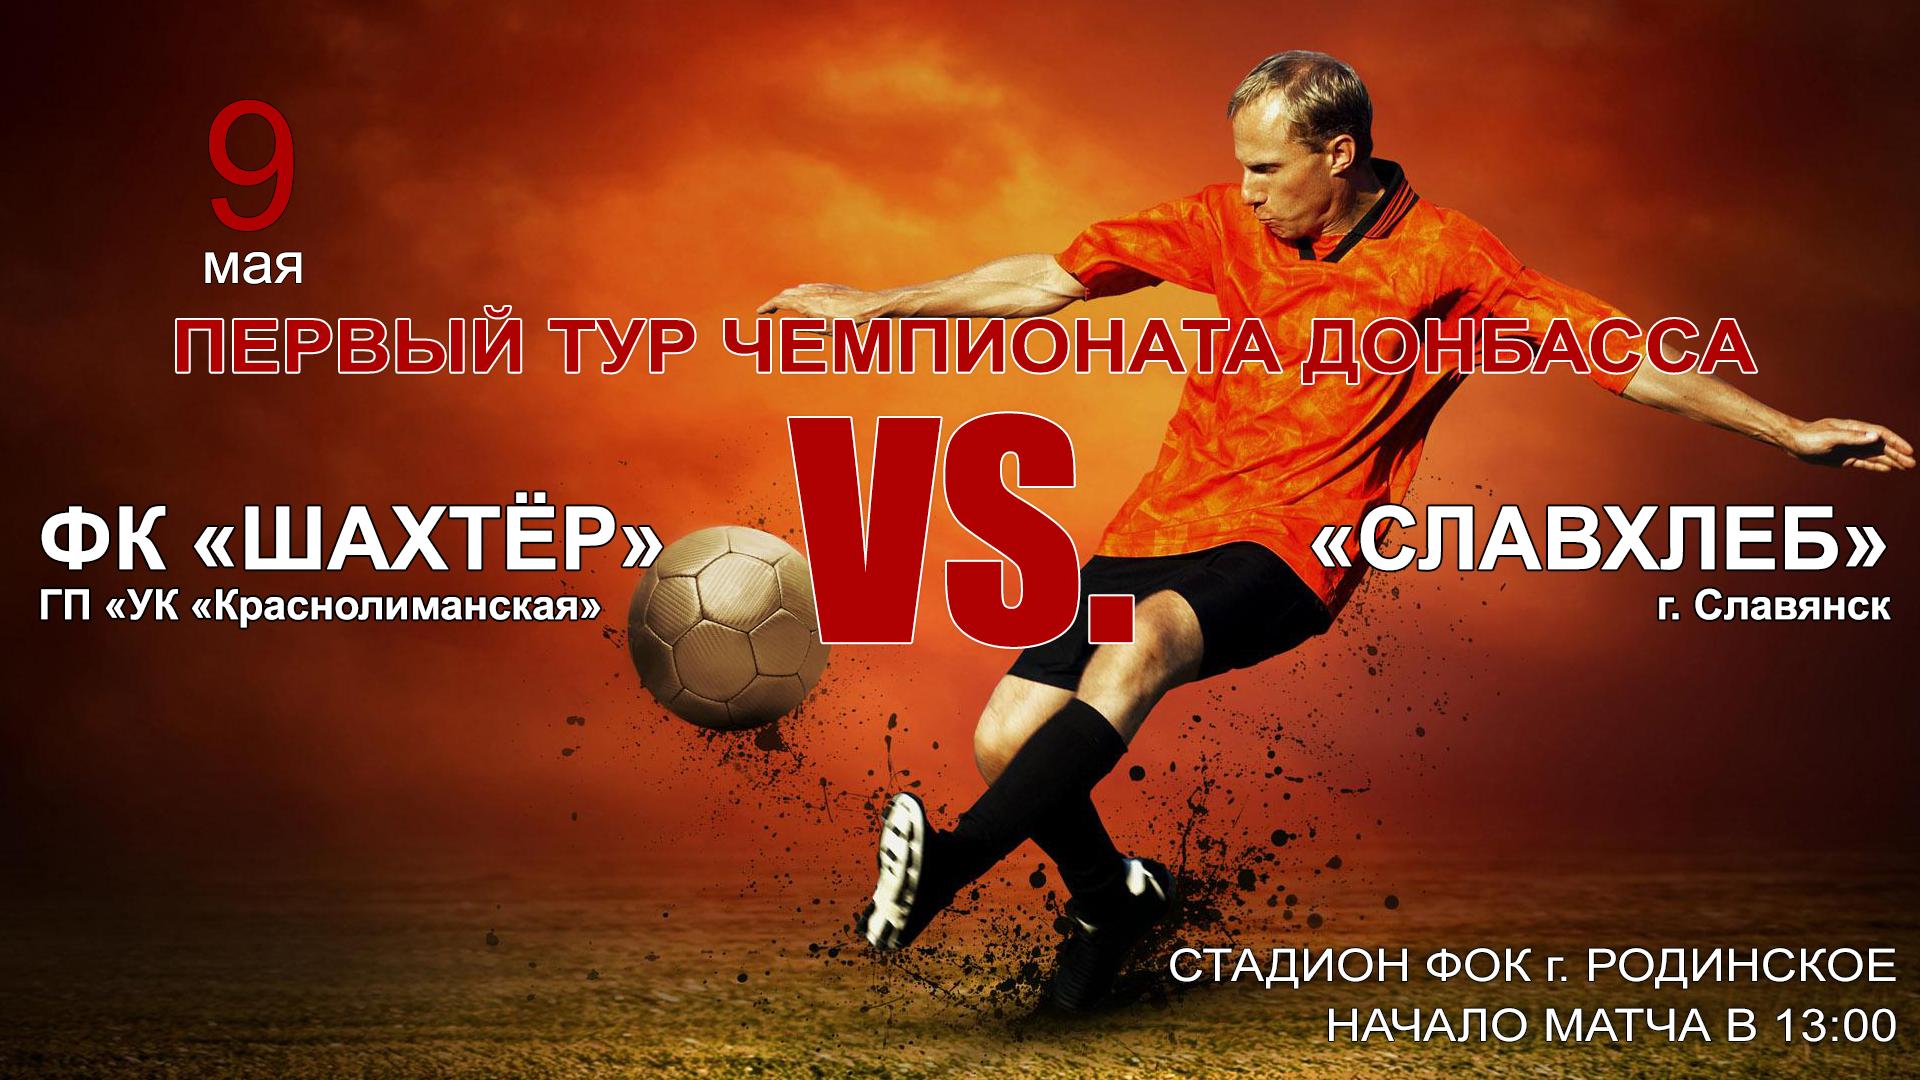 Областной чемпионат Донбасса по футболу